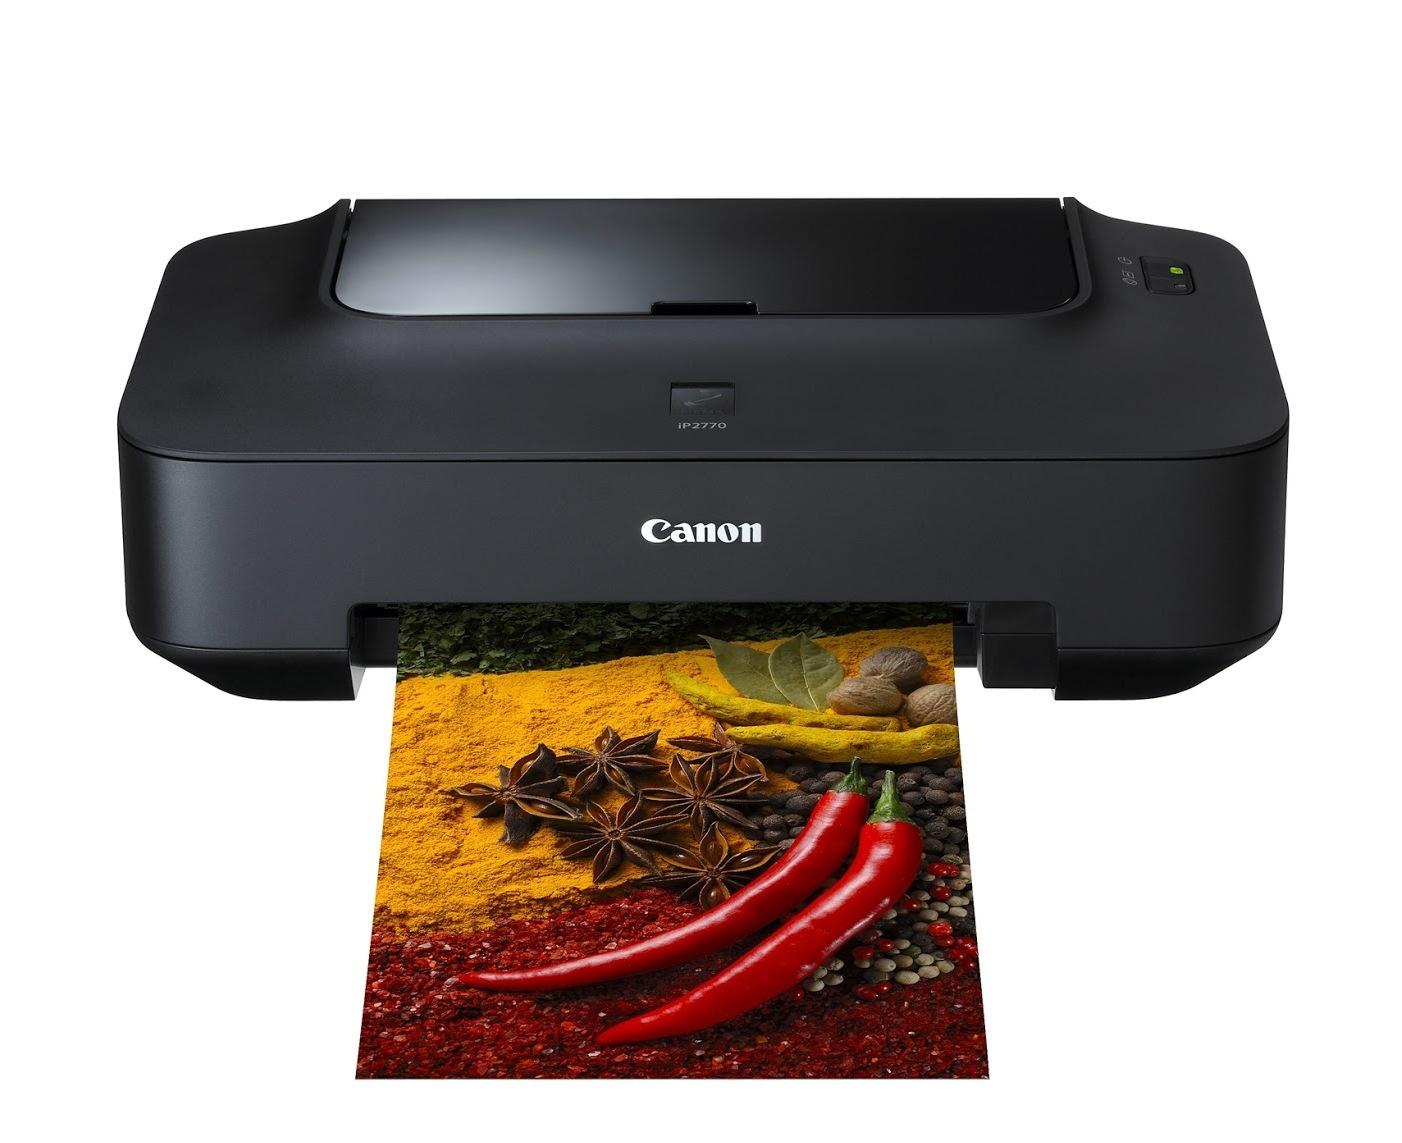 Cara Reset Printer Canon iP2770 - Paxdhe Mboxdhe